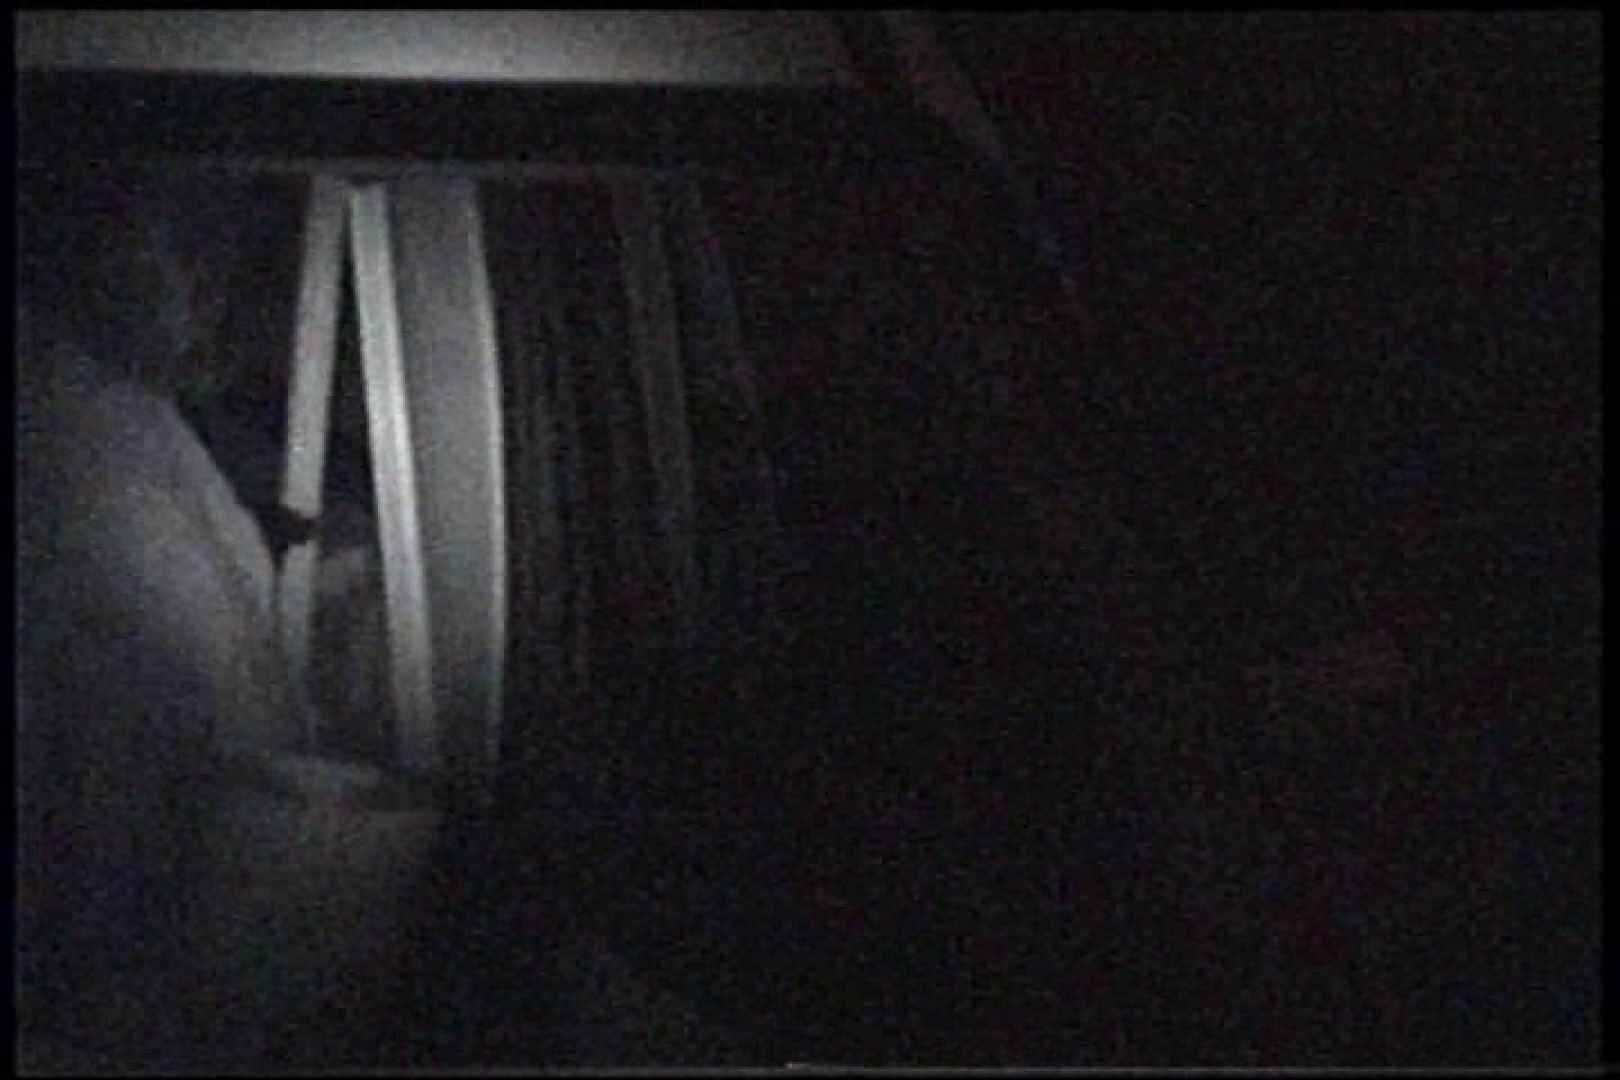 充血監督の深夜の運動会Vol.238 プライベート | エロティックなOL  92画像 76